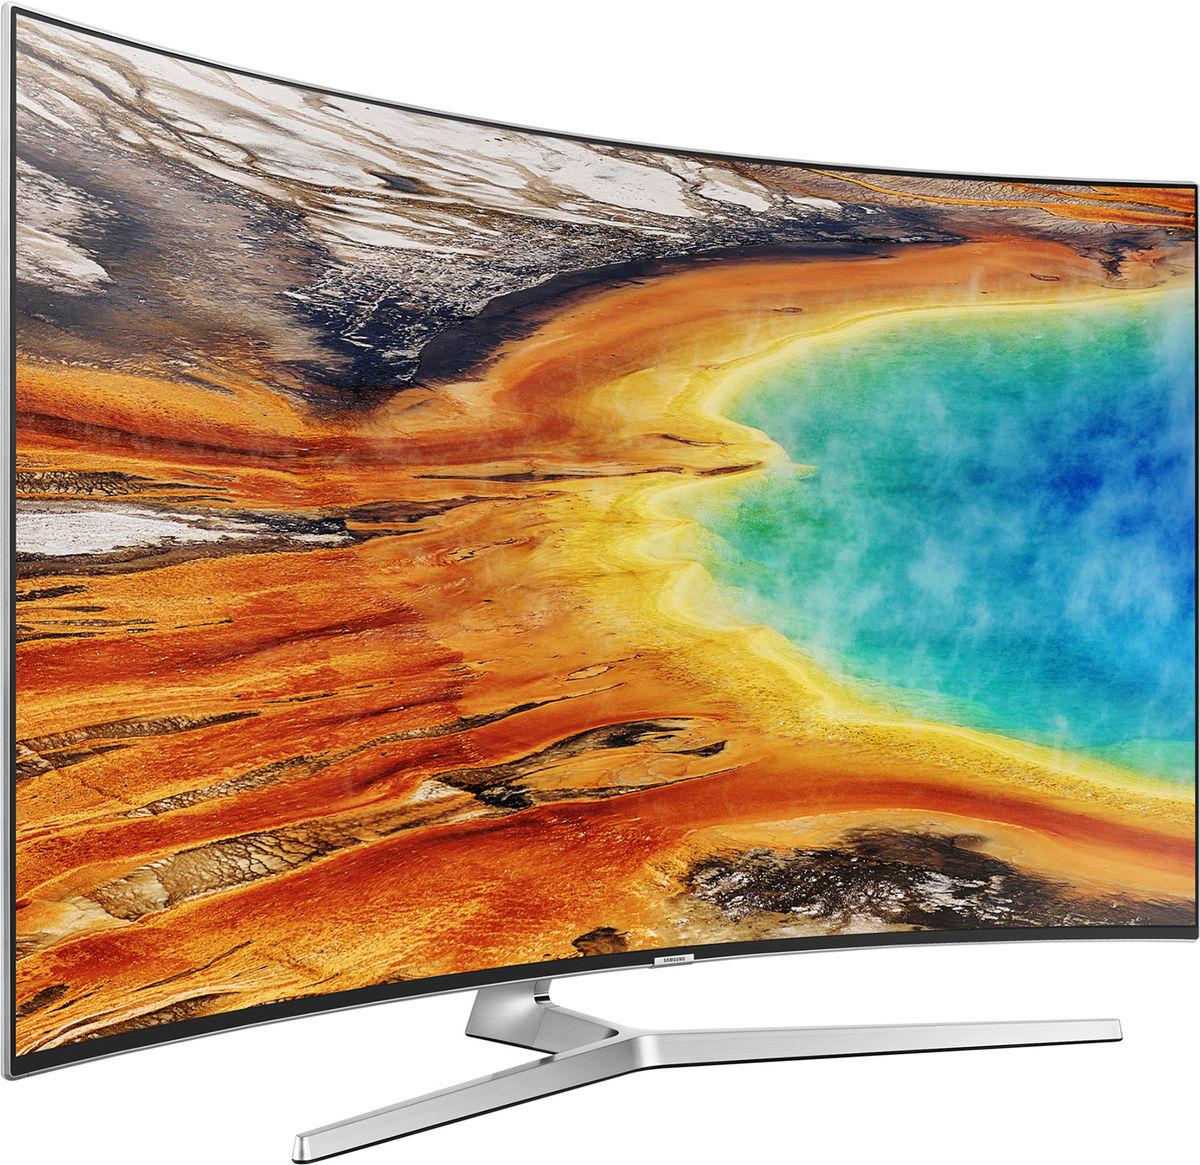 tv 55 samsung ue55mu9005 uhd 4k incurv avec 300 d 39 odr. Black Bedroom Furniture Sets. Home Design Ideas